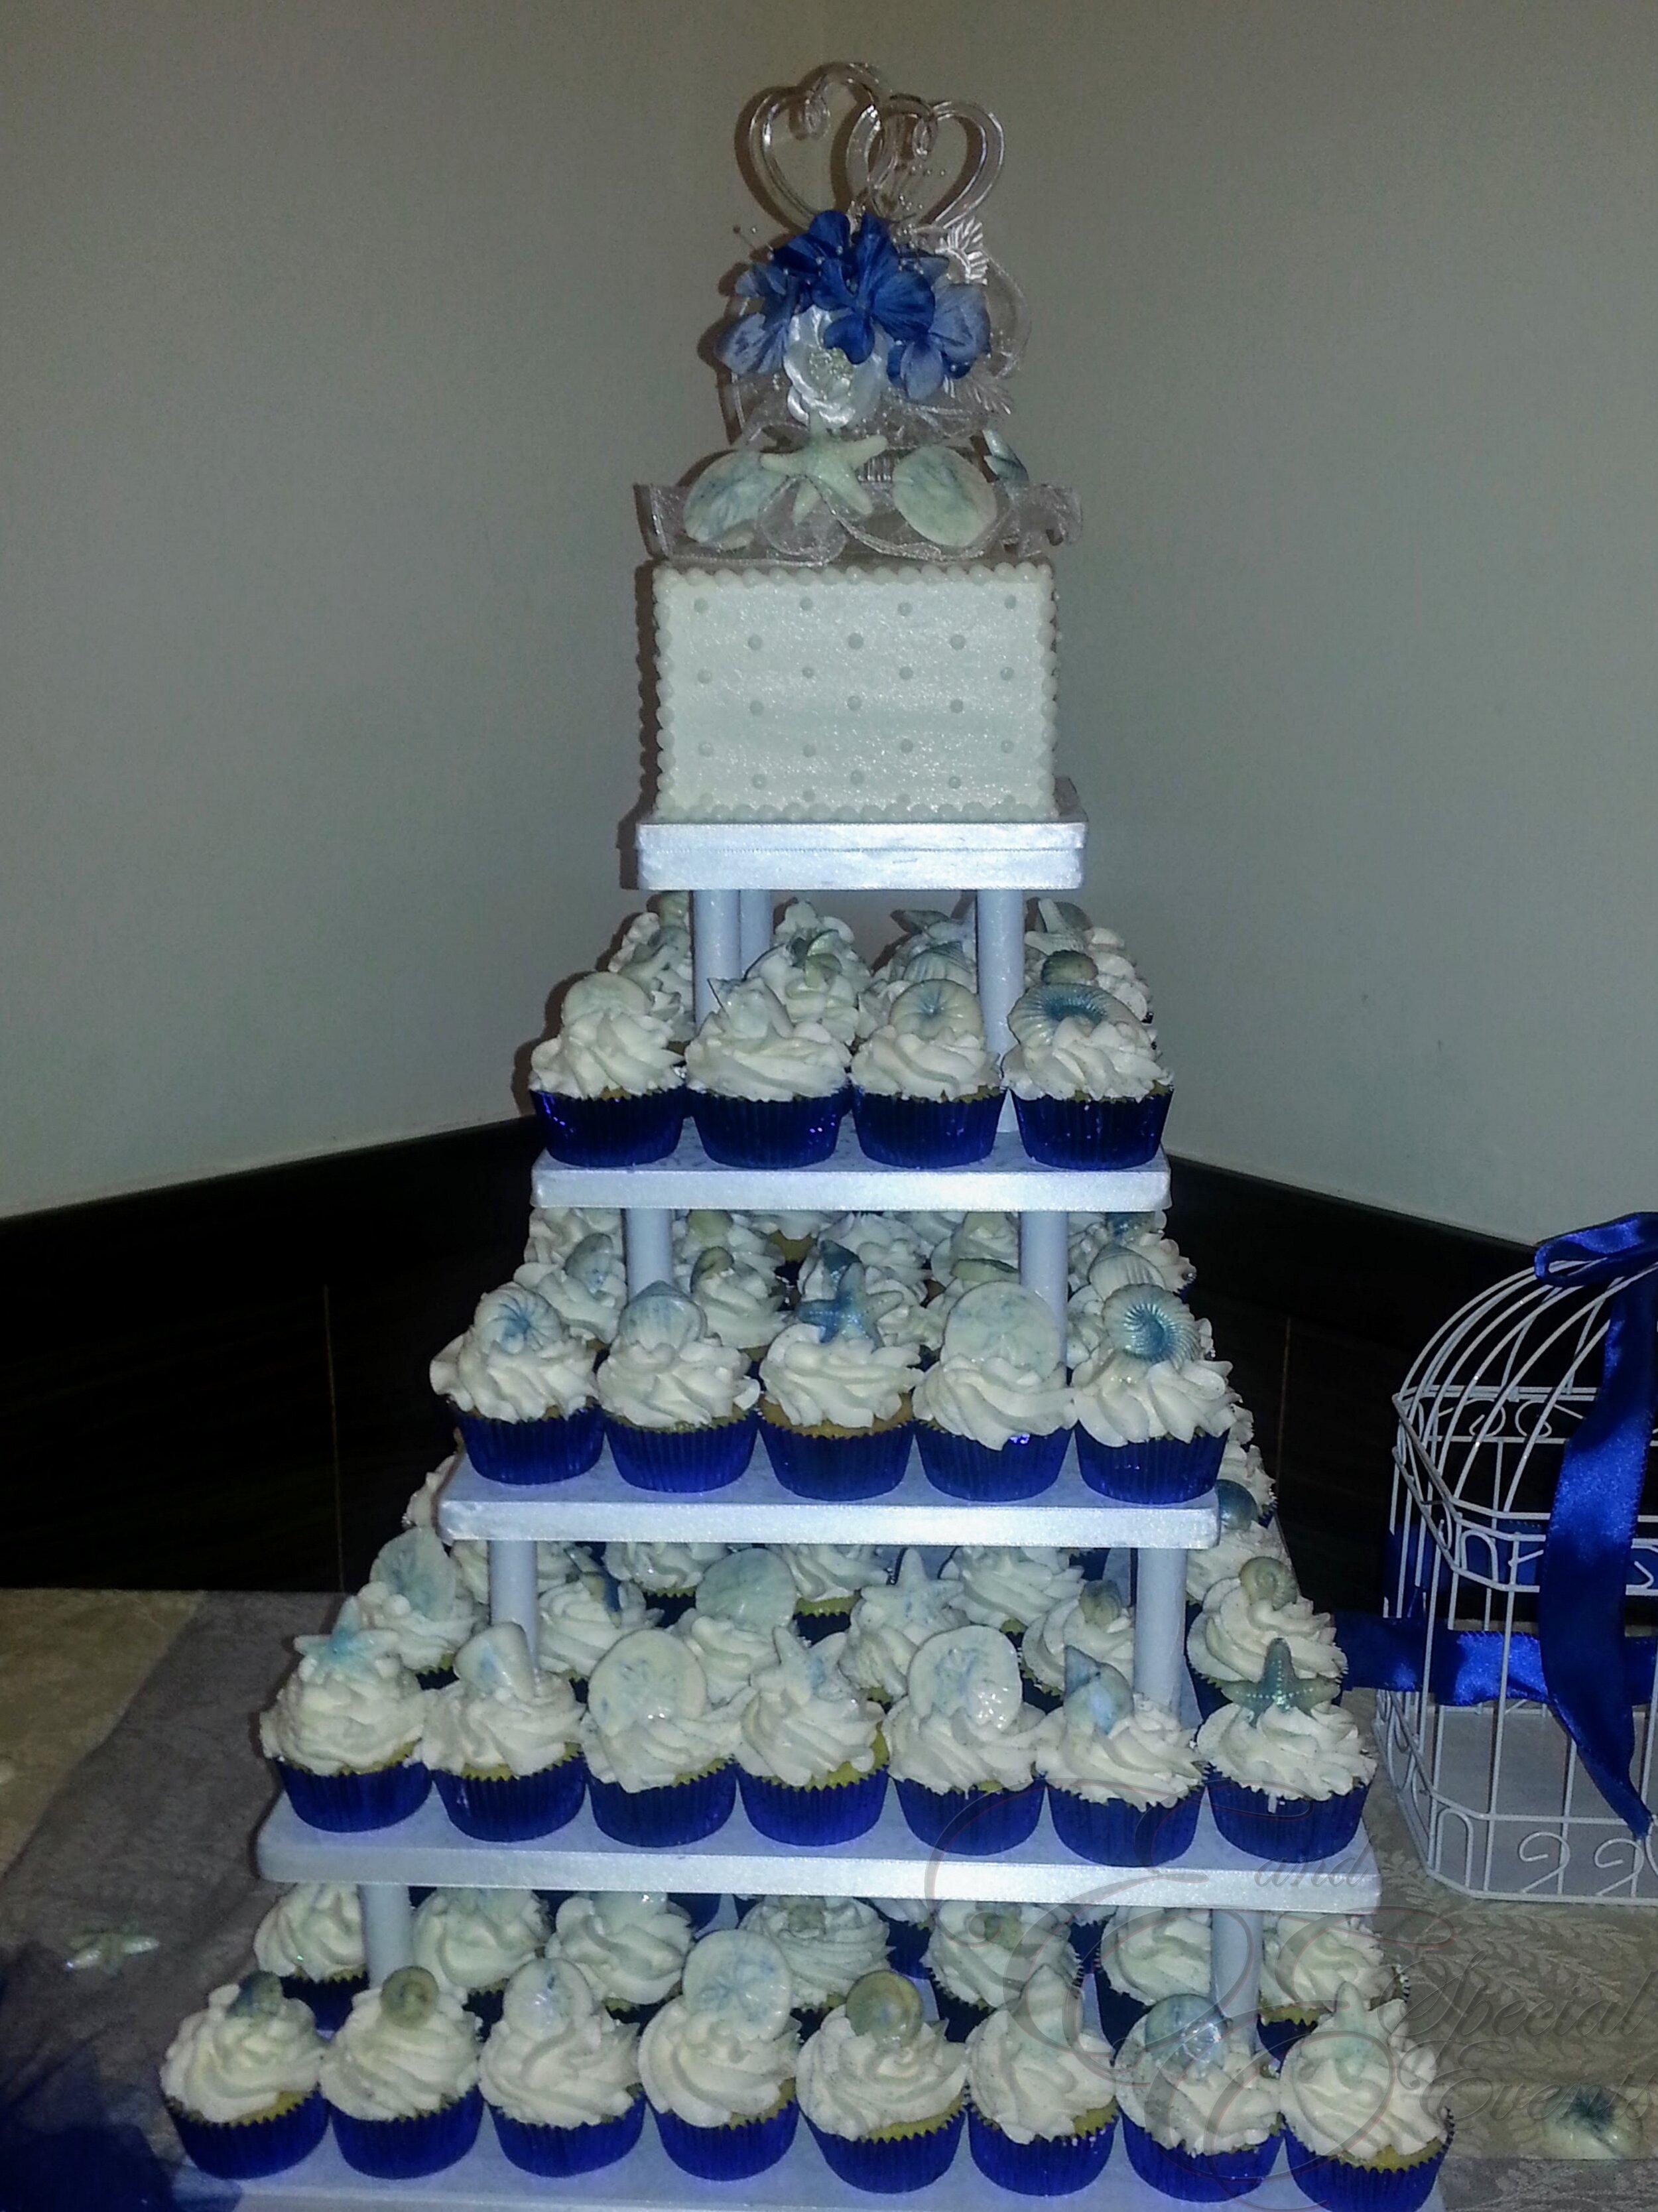 wedding_cakes_E_and_E_Special_Events_virginia_beach_10.jpg